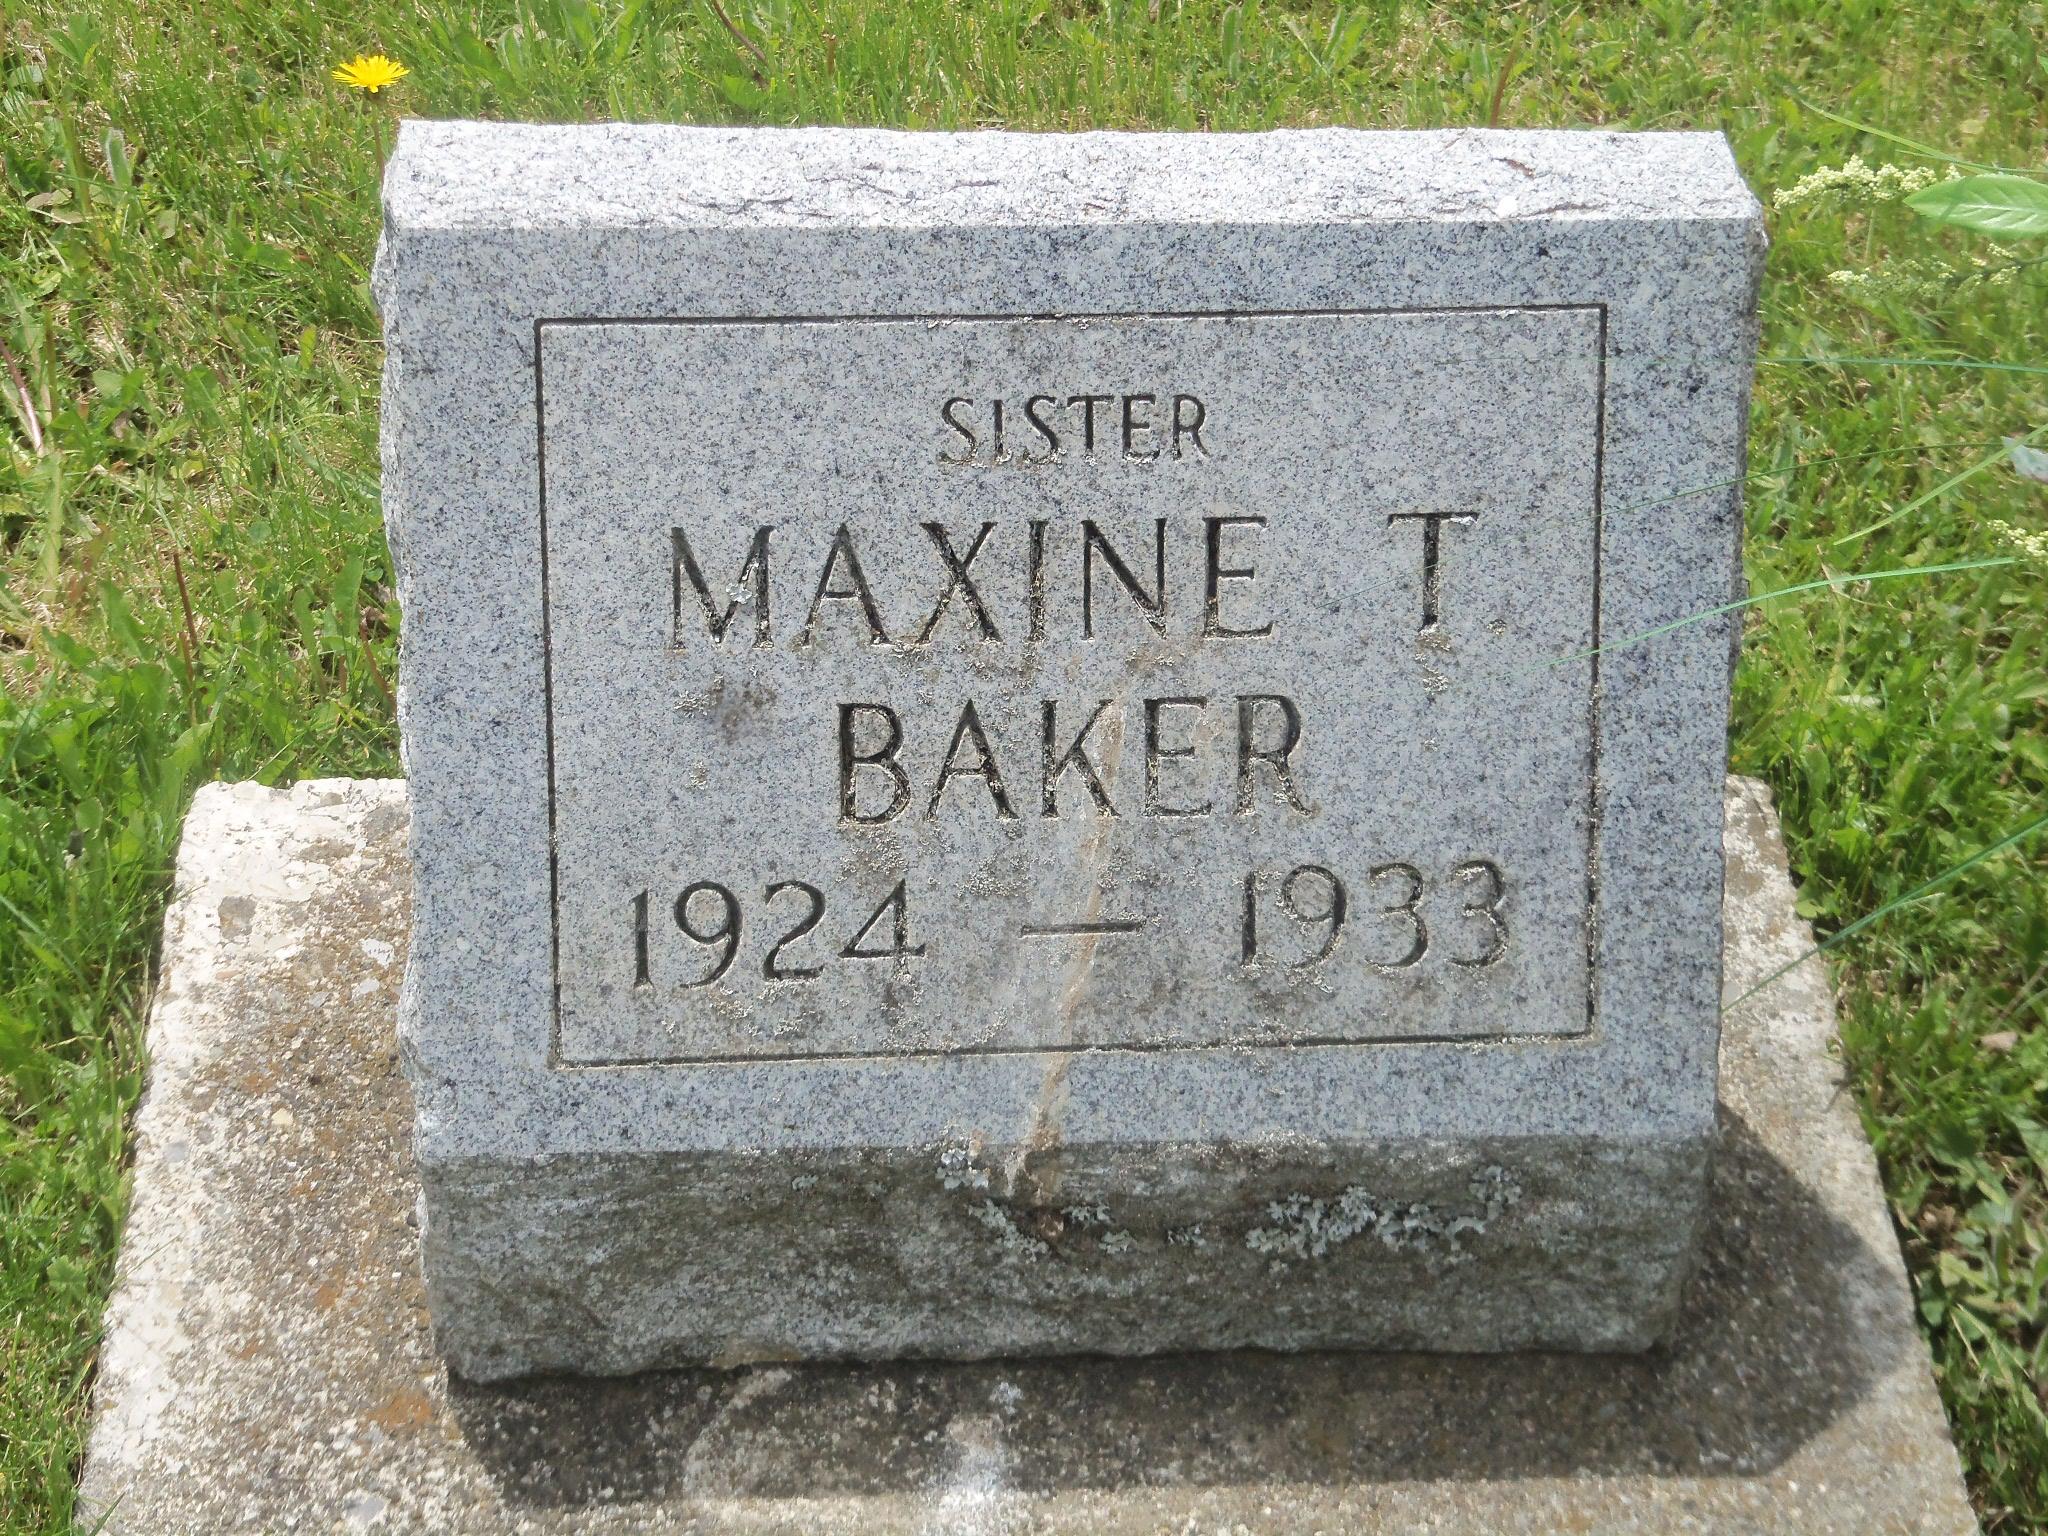 Maxine T. Baker